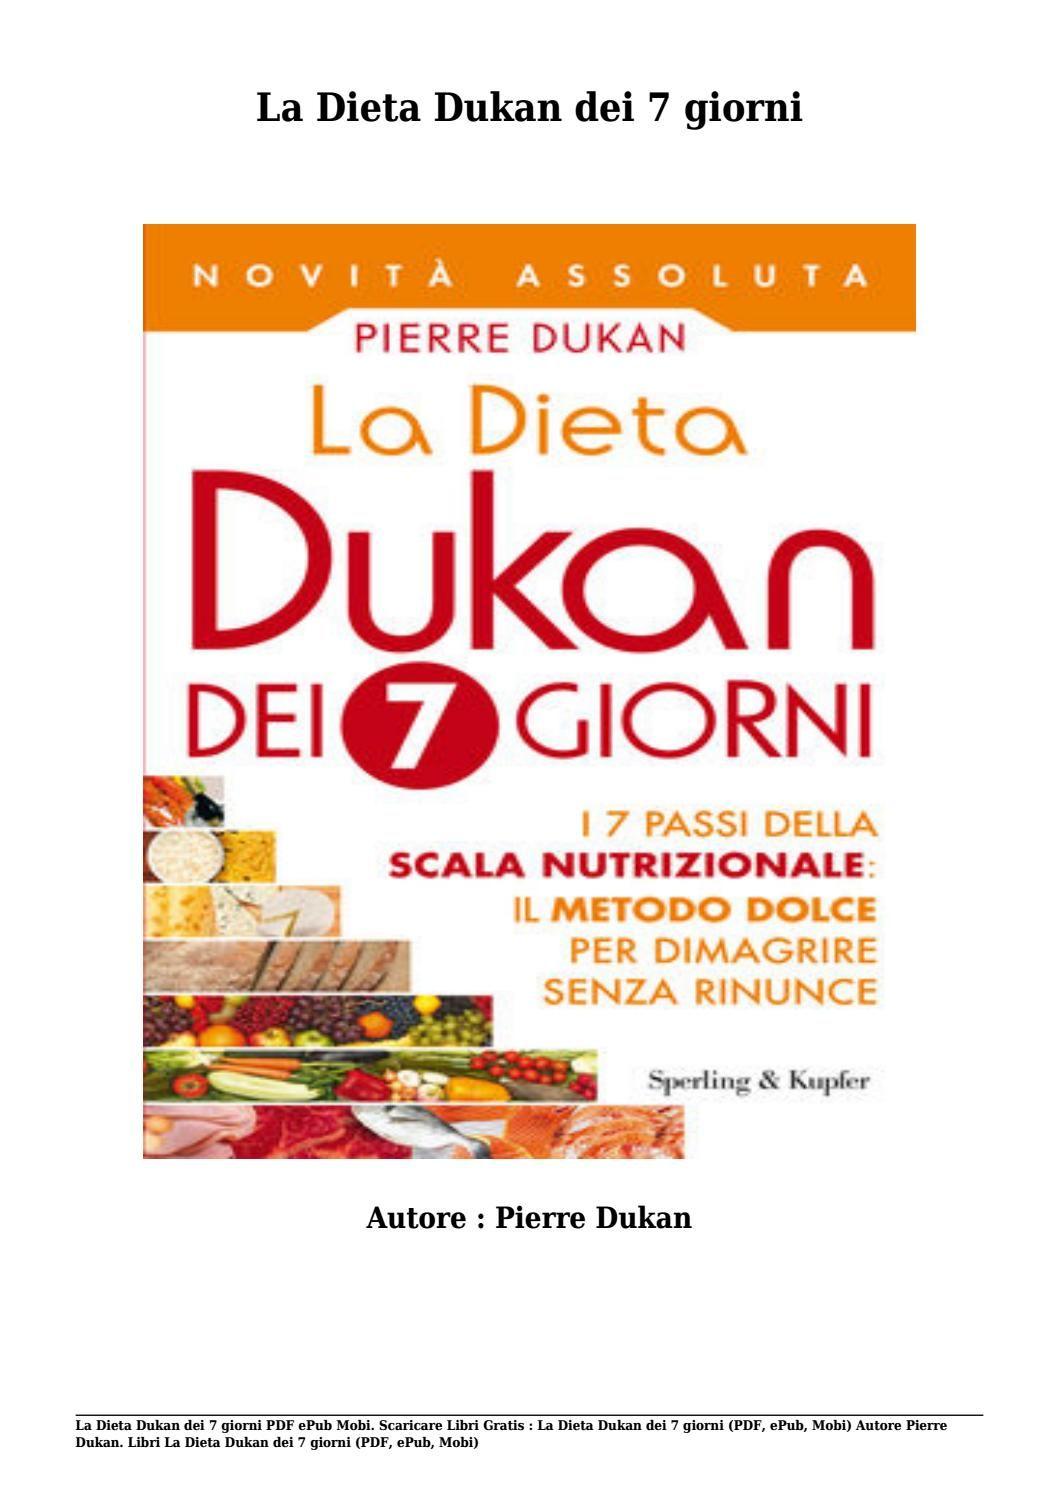 dieta mediterranea libro pdf gratis